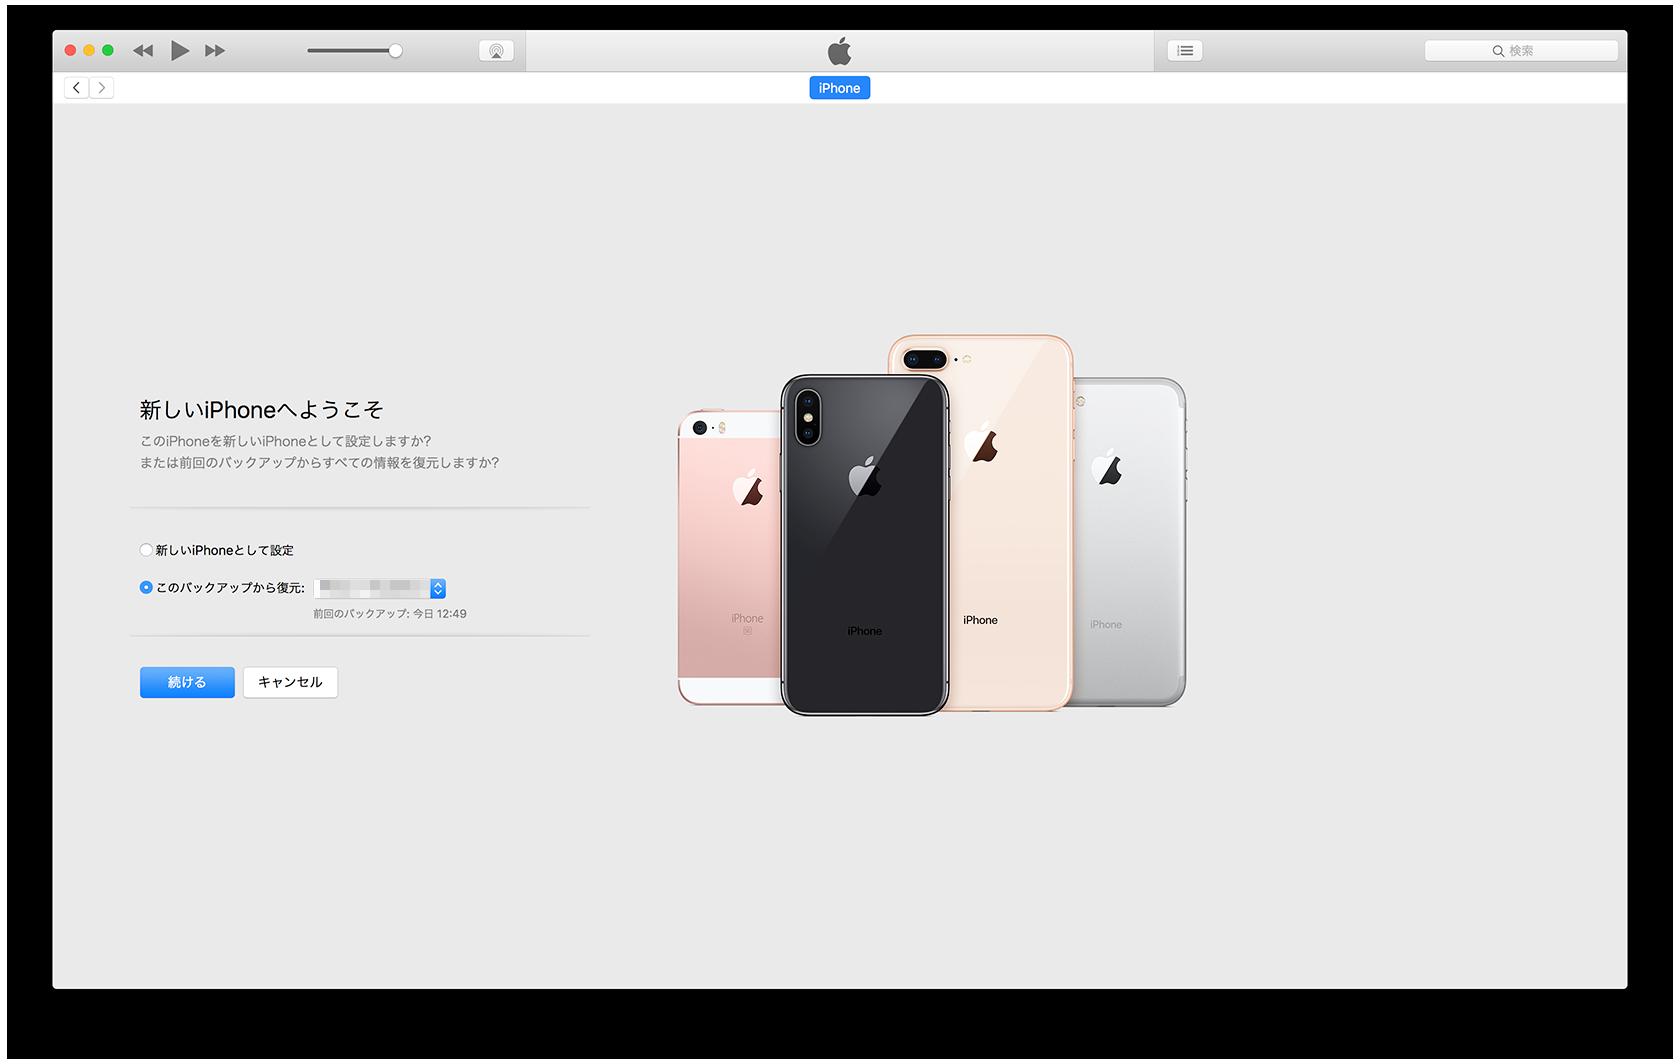 機種変更4- iPhone X をバックアップデータで復元